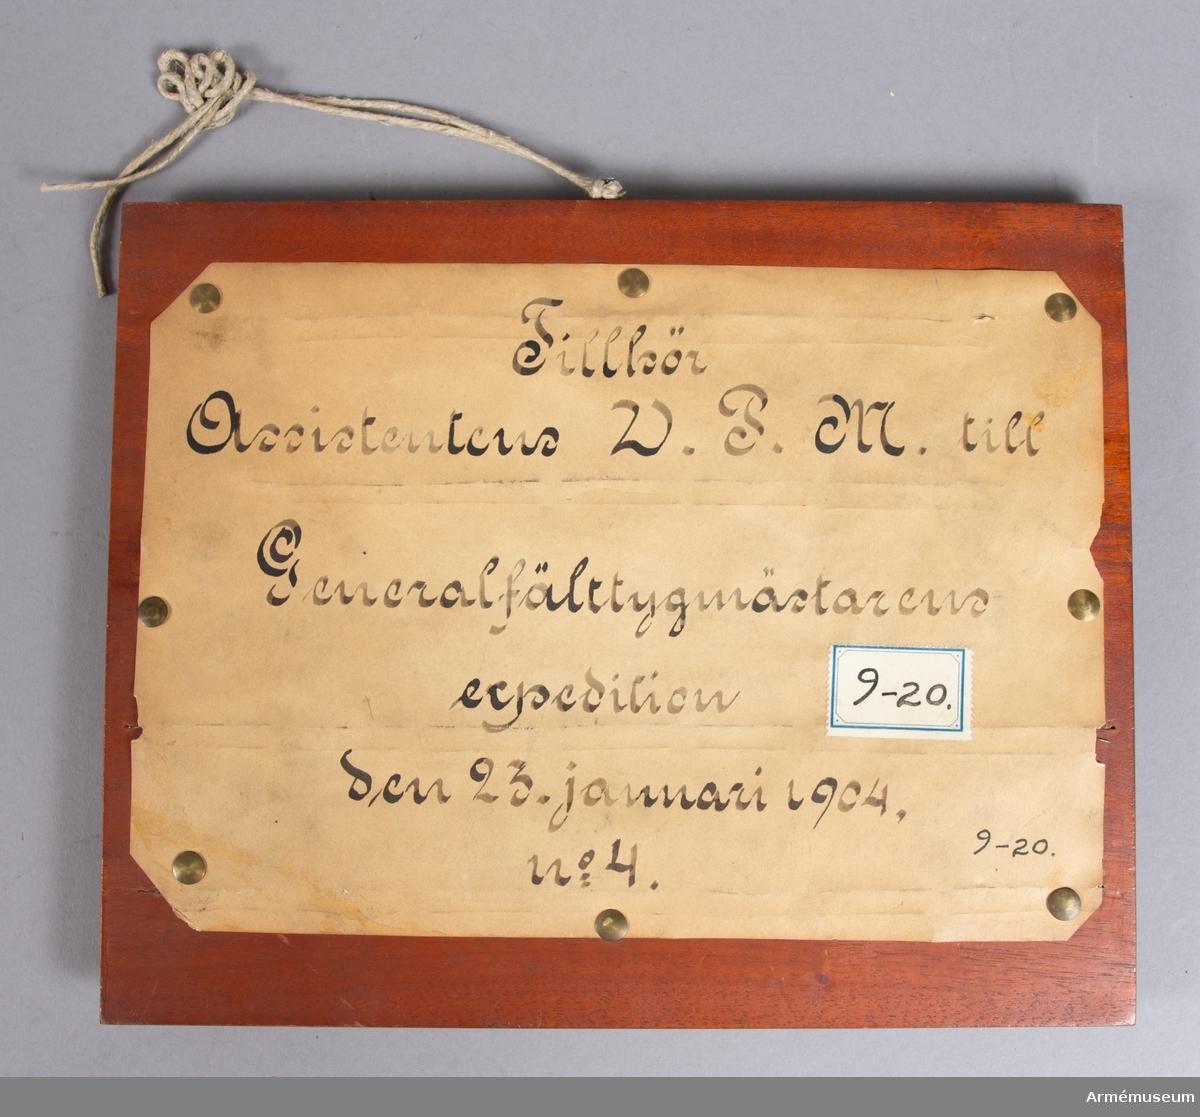 Grupp E V. Mont. på skiva märkt Ass. W.P.M. t Generalfälttygm. exp 1904. Nr 10.